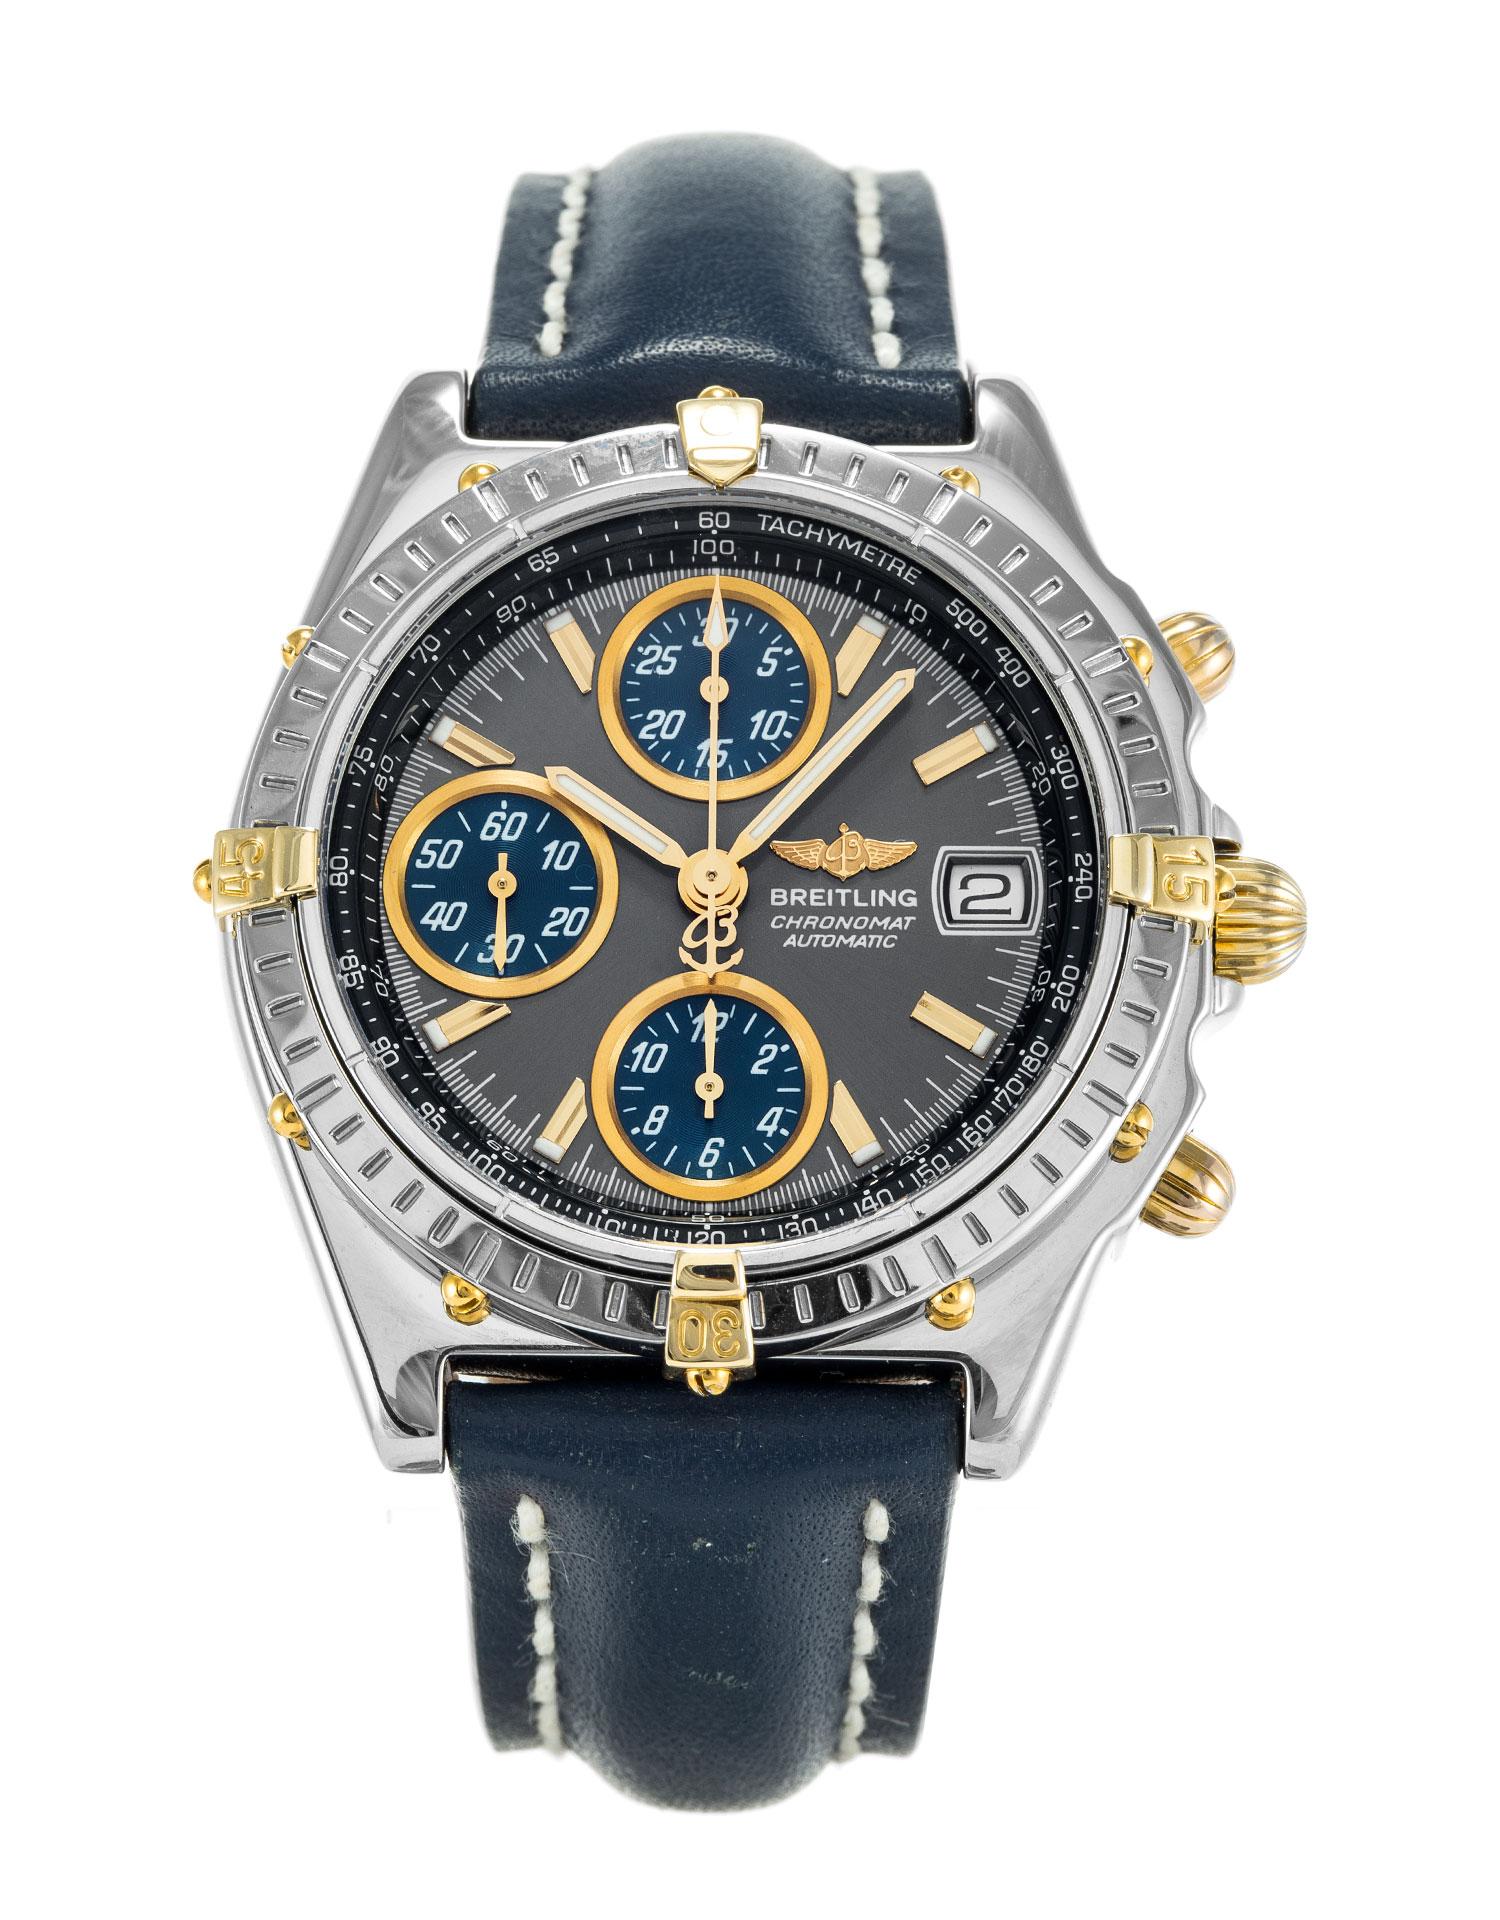 Breitling Chronomat B13050 1 Watch Watchfinder Co